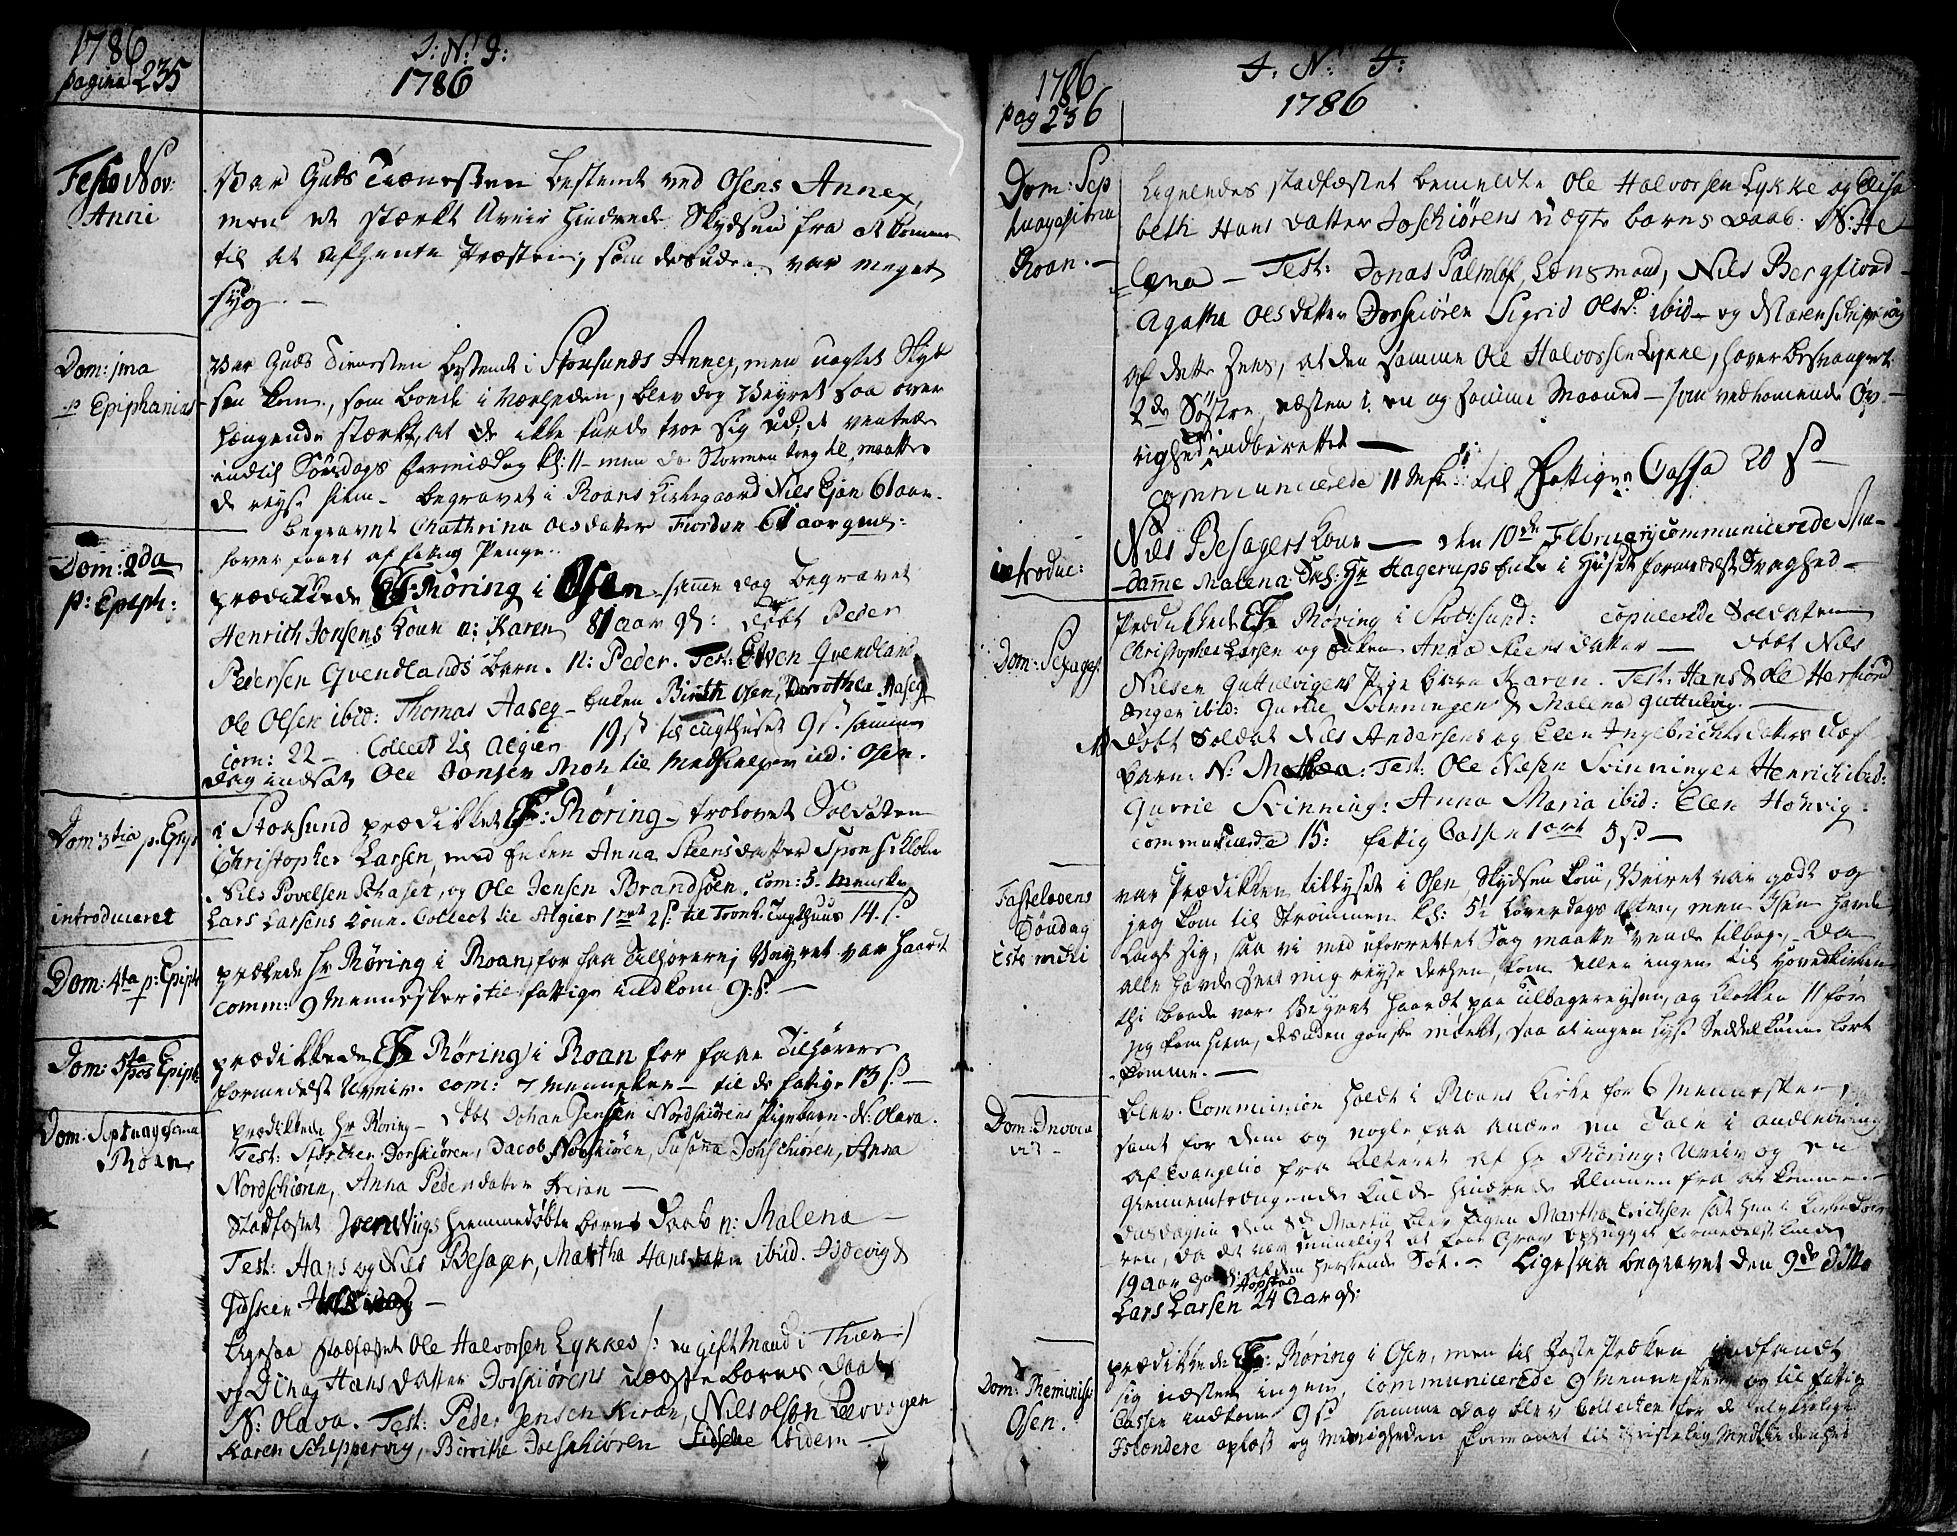 SAT, Ministerialprotokoller, klokkerbøker og fødselsregistre - Sør-Trøndelag, 657/L0700: Ministerialbok nr. 657A01, 1732-1801, s. 335-336